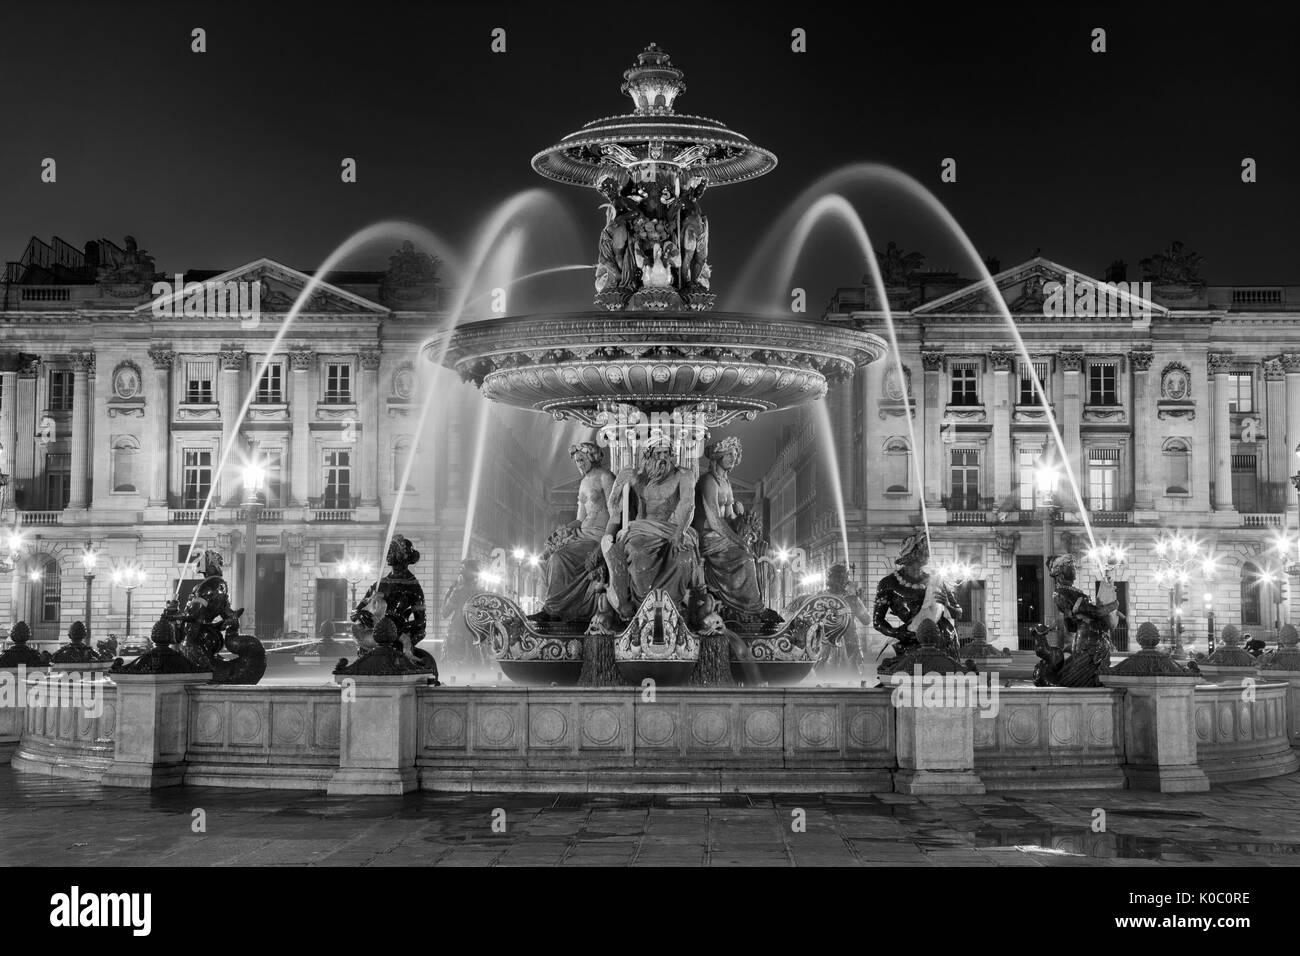 Fontaine des Fleuves, Fountain of Rivers in Place de la Concorde, Paris France - Stock Image